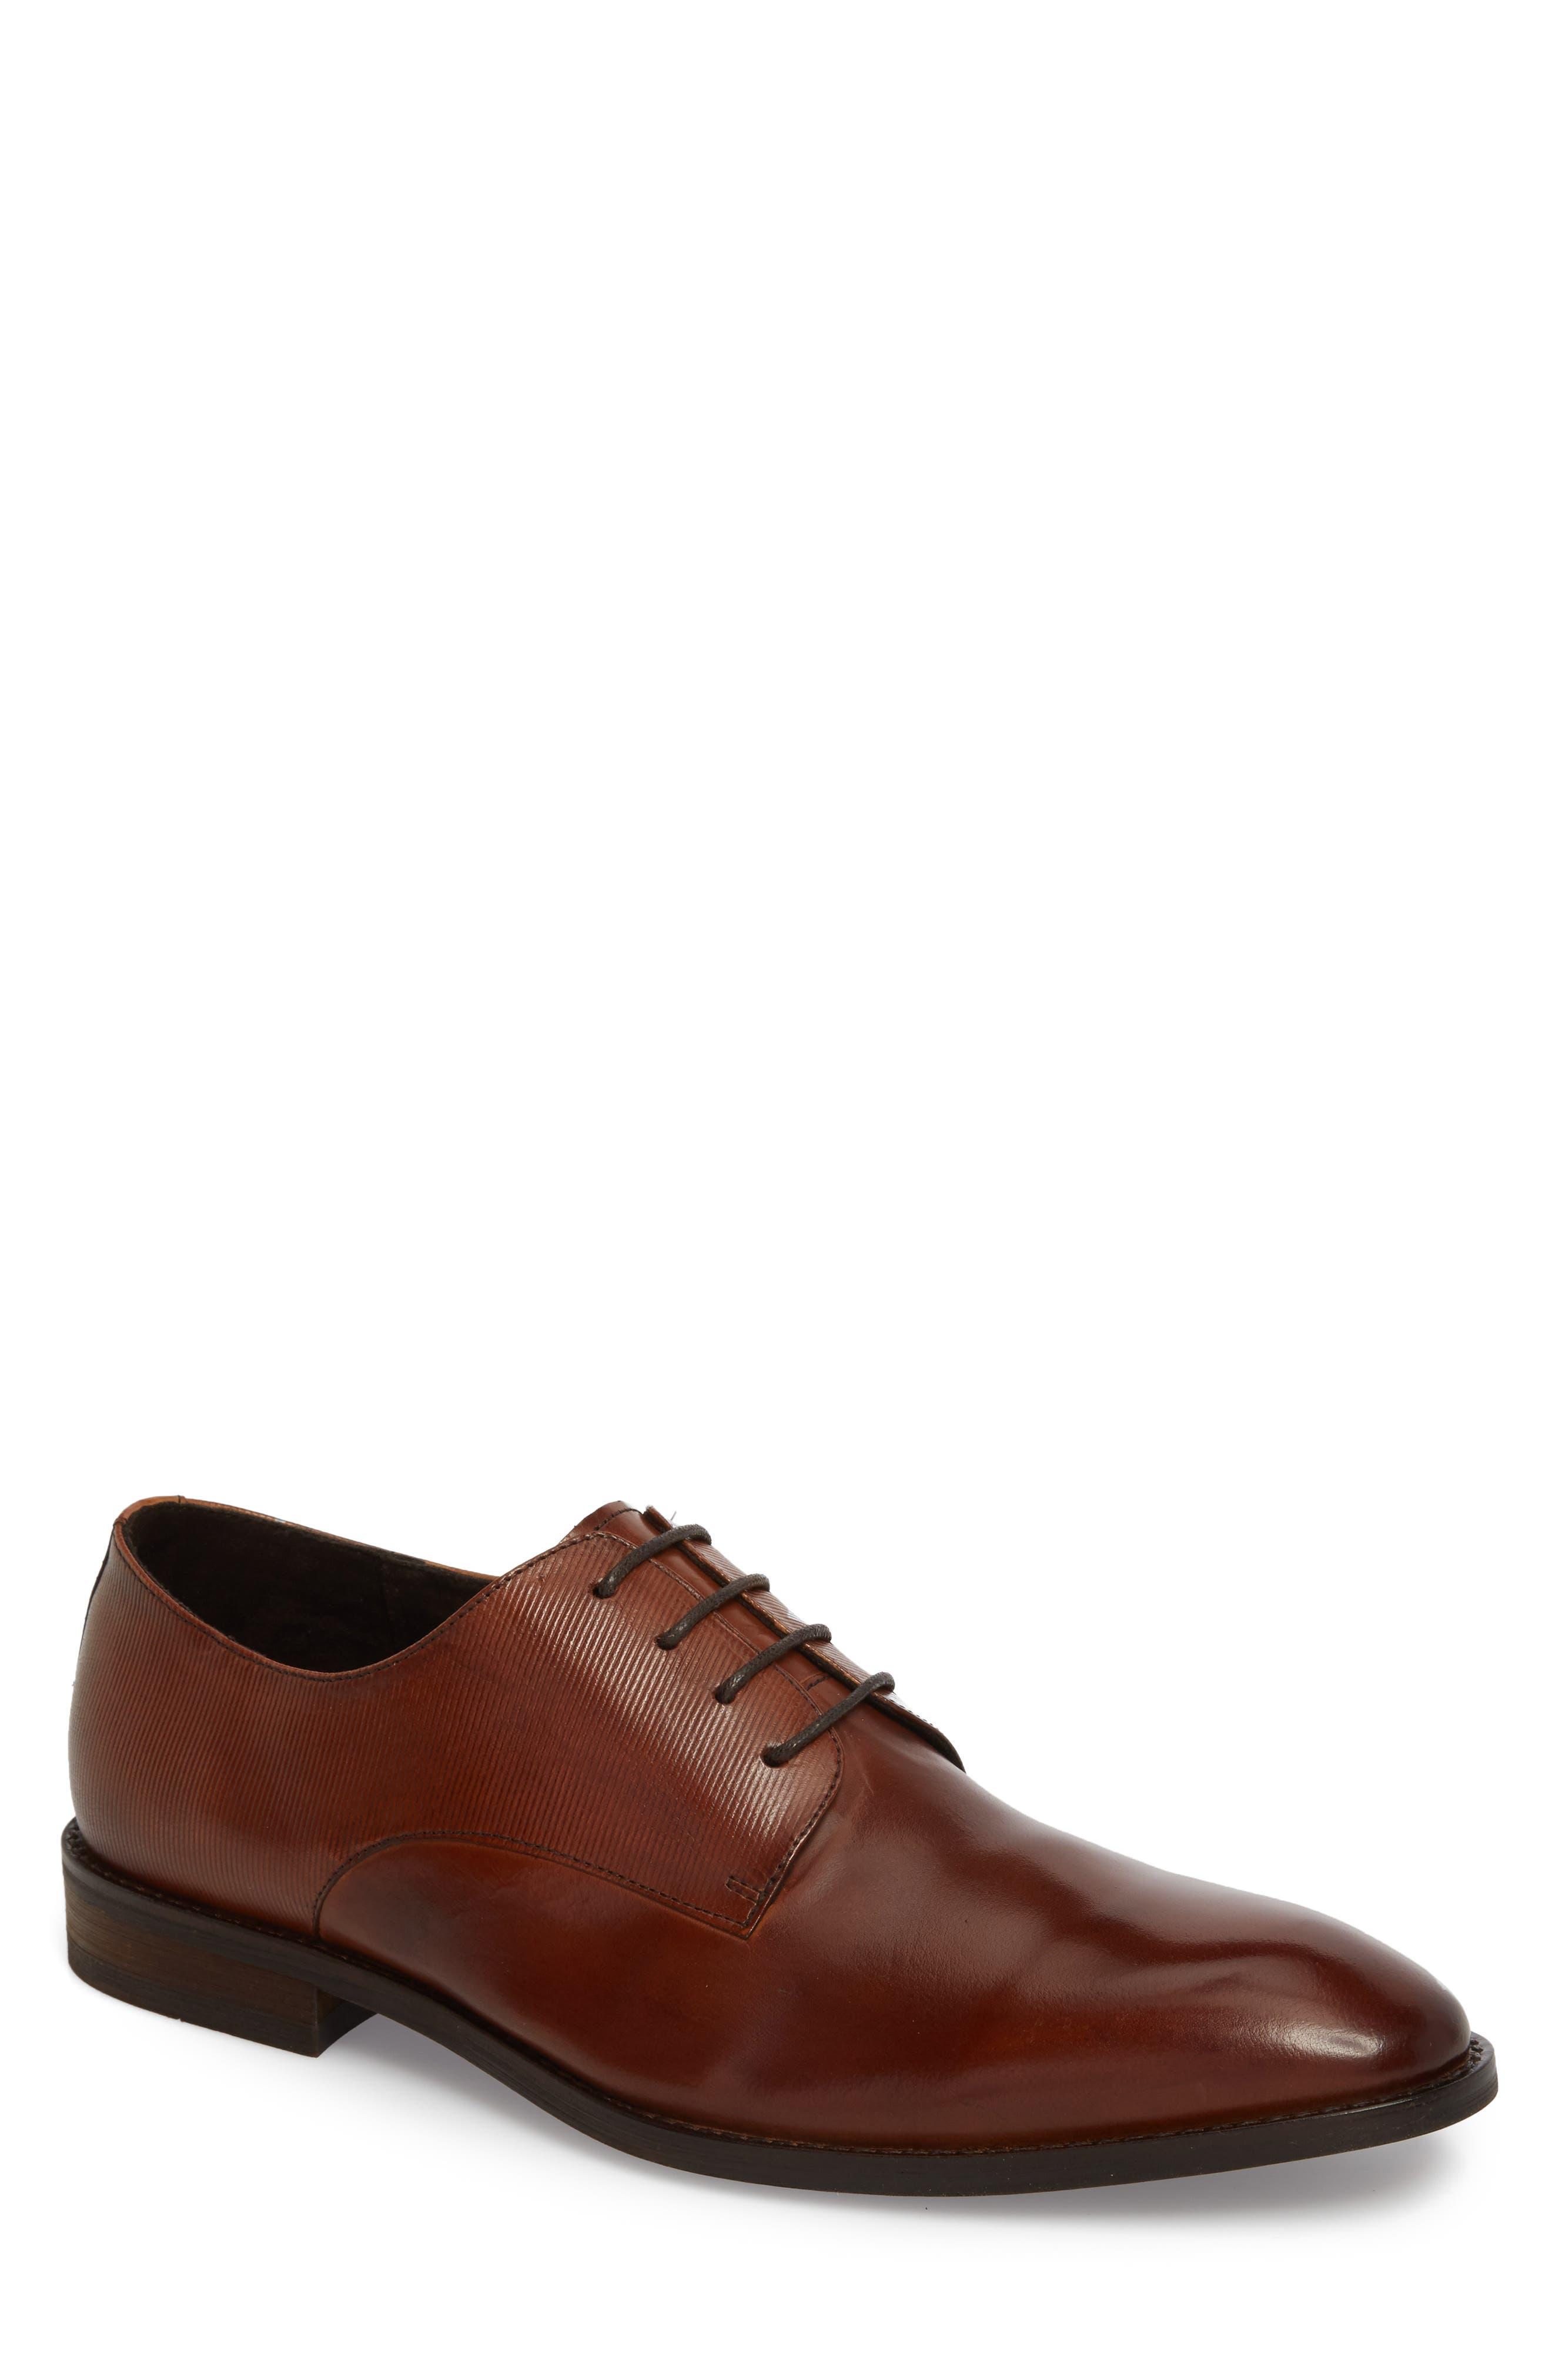 Courage Plain Toe Derby,                             Main thumbnail 1, color,                             Cognac Leather